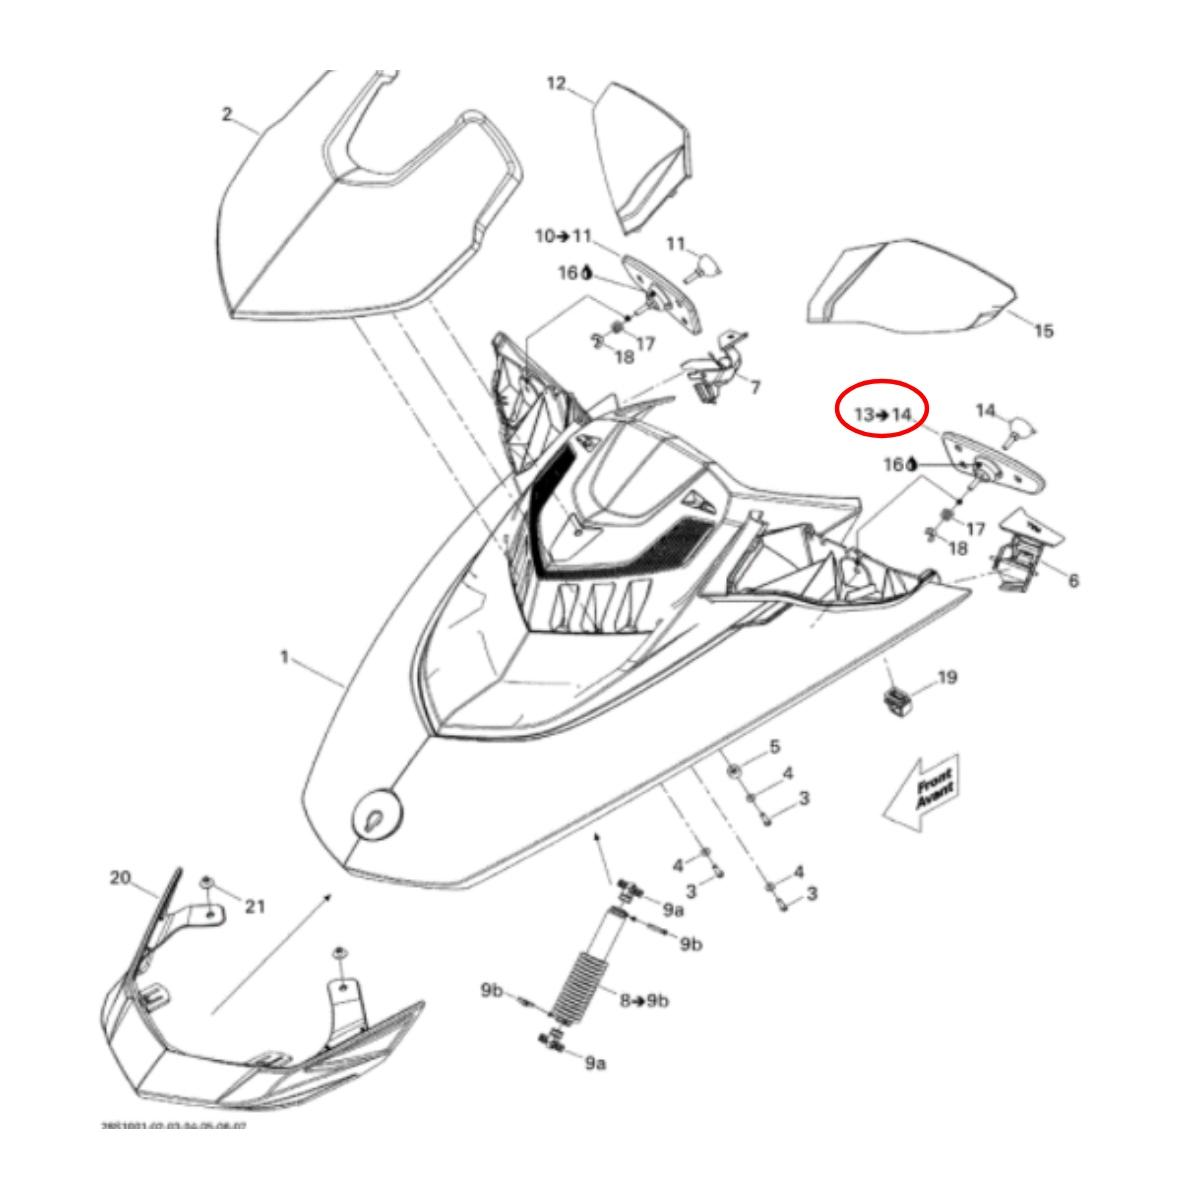 Espelho Retrovisor para Jet ski Sea Doo LH (lado esquerdo)  - Radical Peças - Peças para Jet Ski